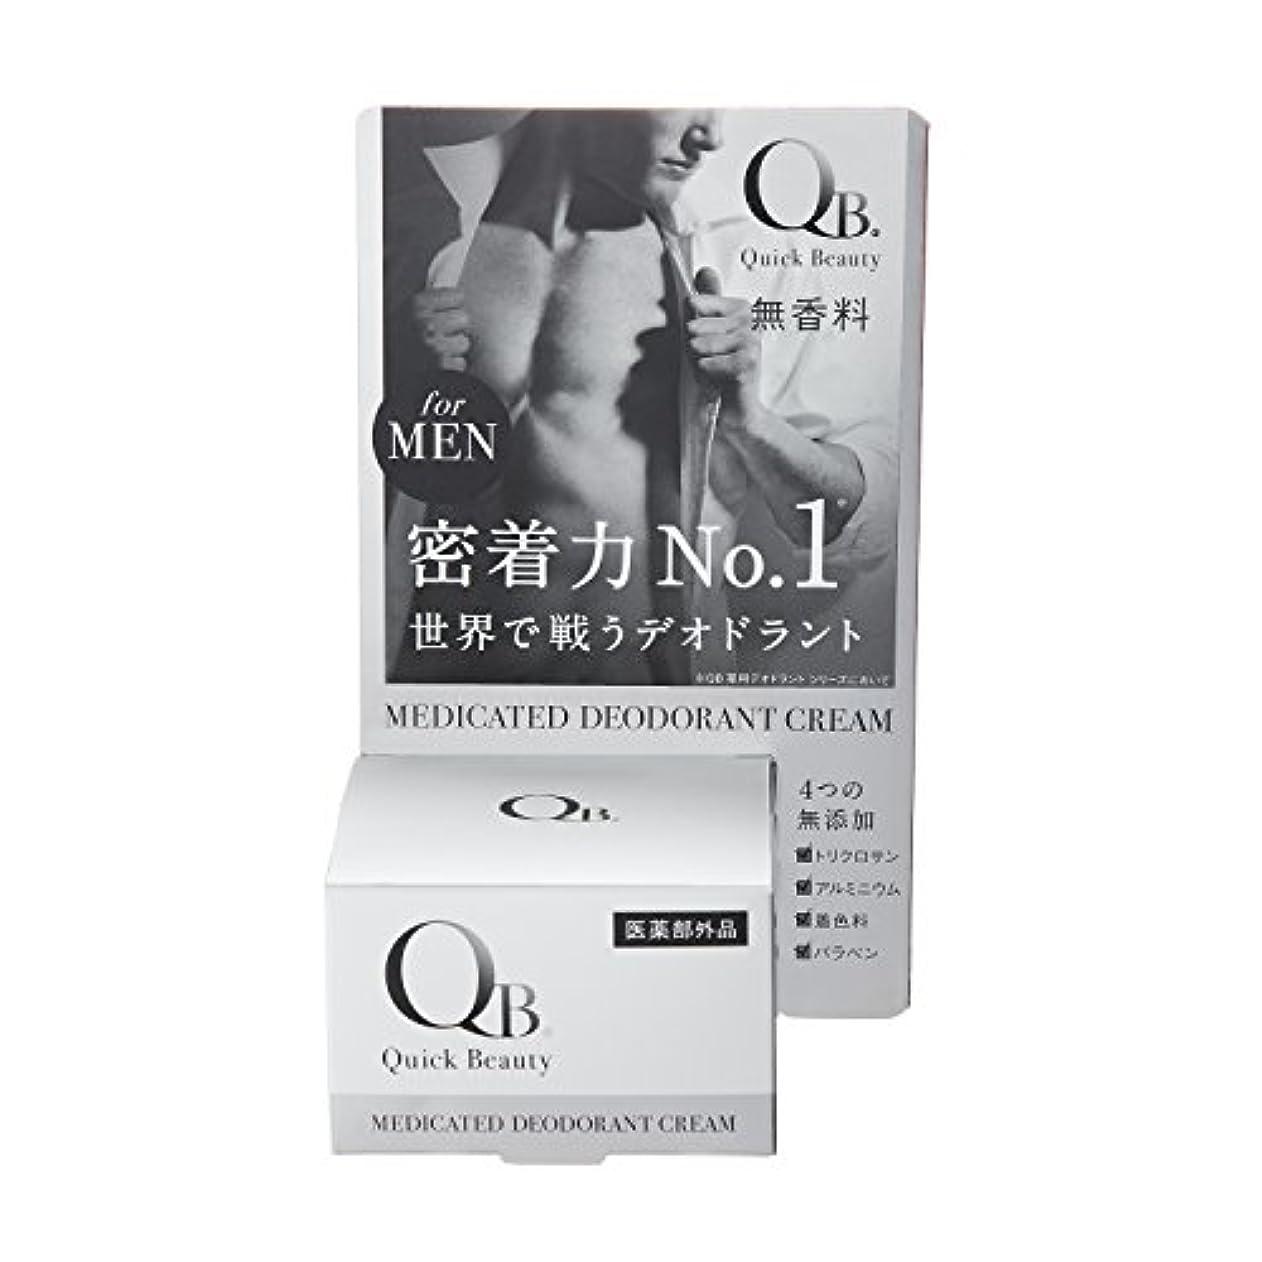 私たち自身吸うインタビューQB 薬用デオドラントクリーム メンズ 30g